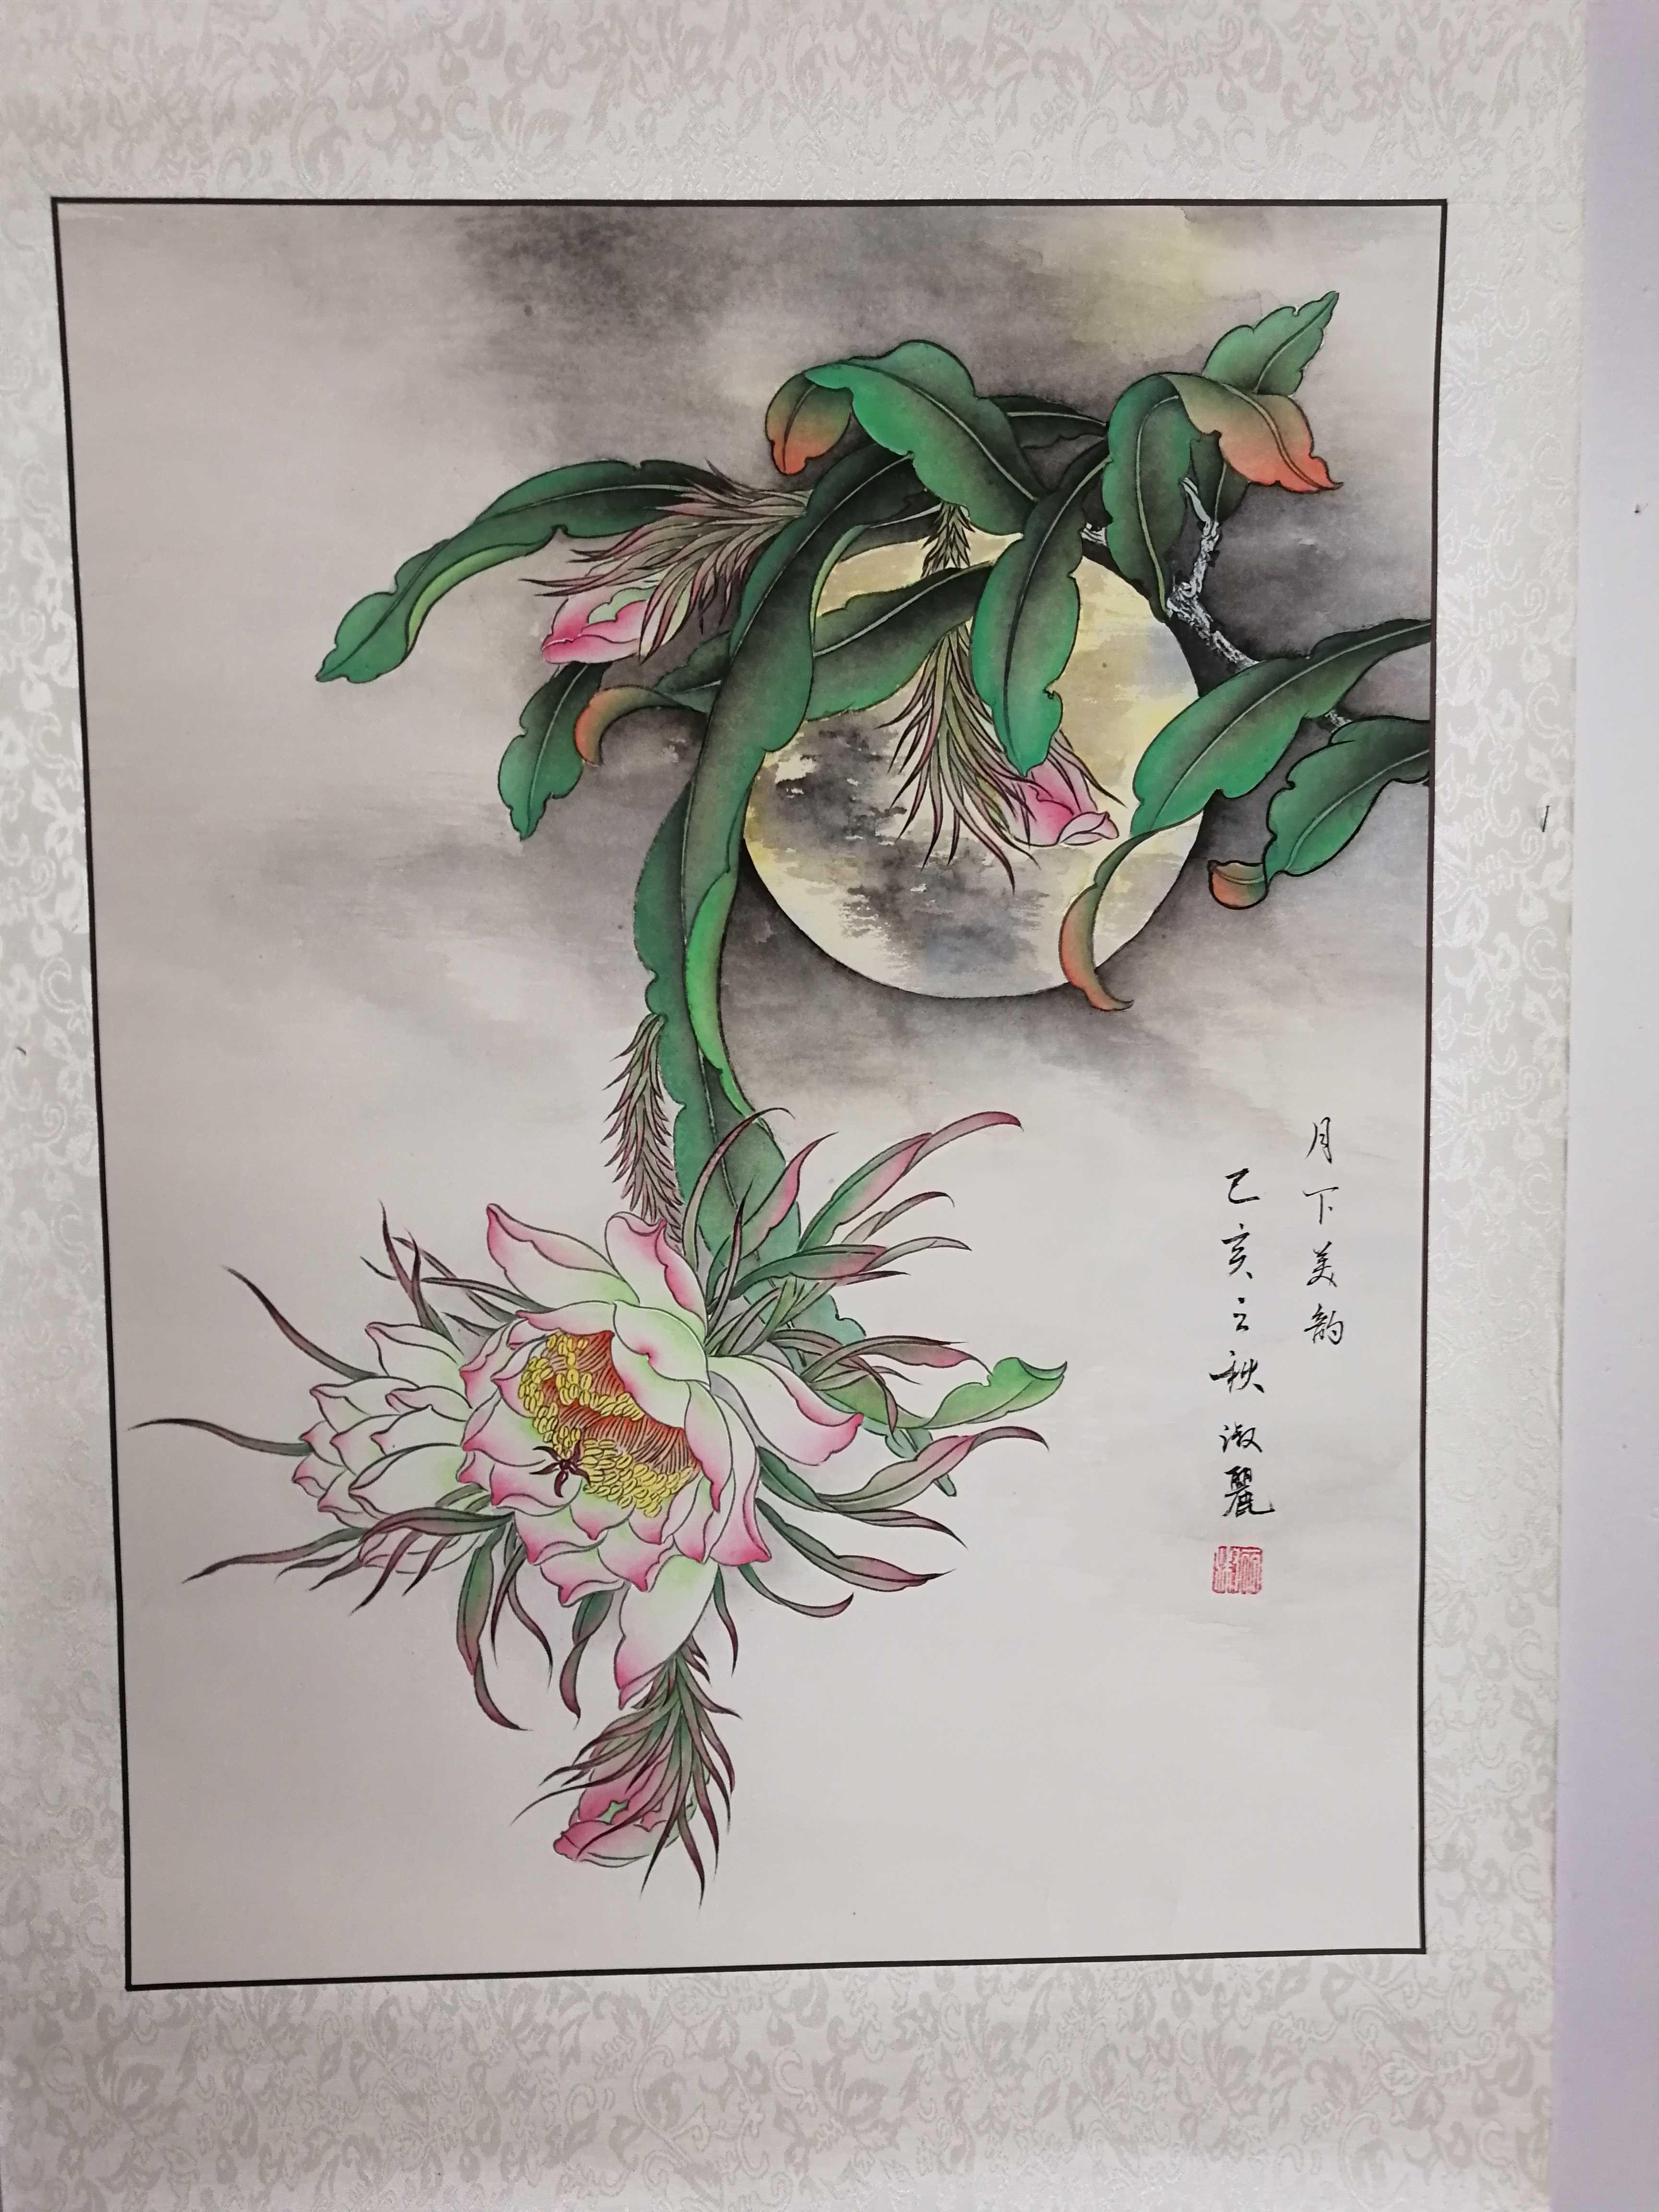 十一字画展-1110434411